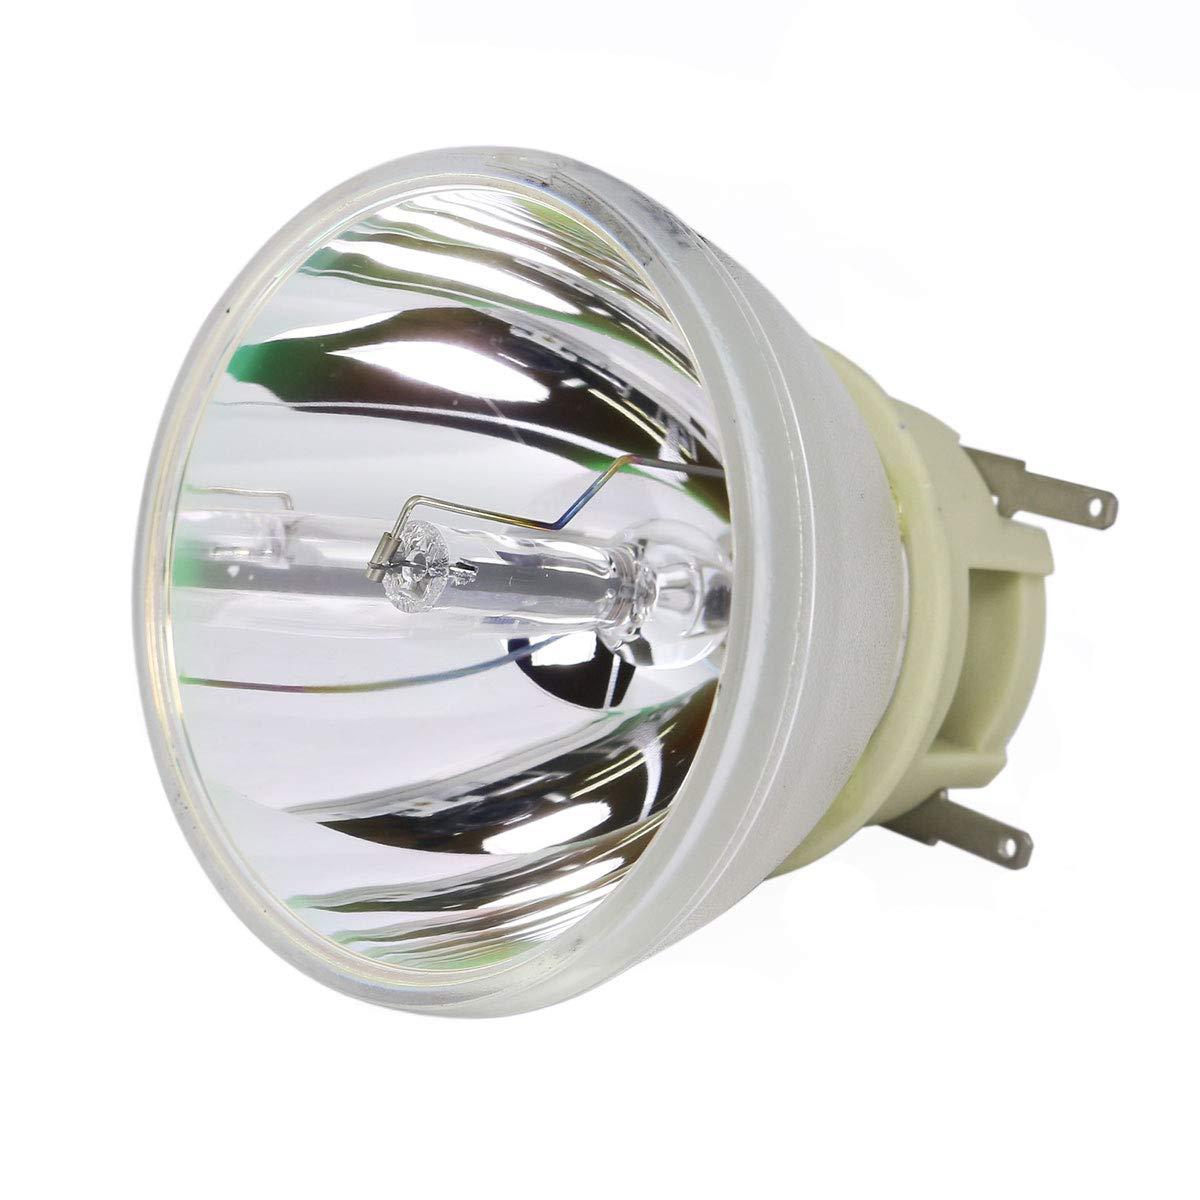 オリジナルフィリップスプロジェクター交換用ランプ BenQ TK800用 Platinum (Brighter/Durable) Platinum (Brighter/Durable) Lamp Only B07L2B5QMB